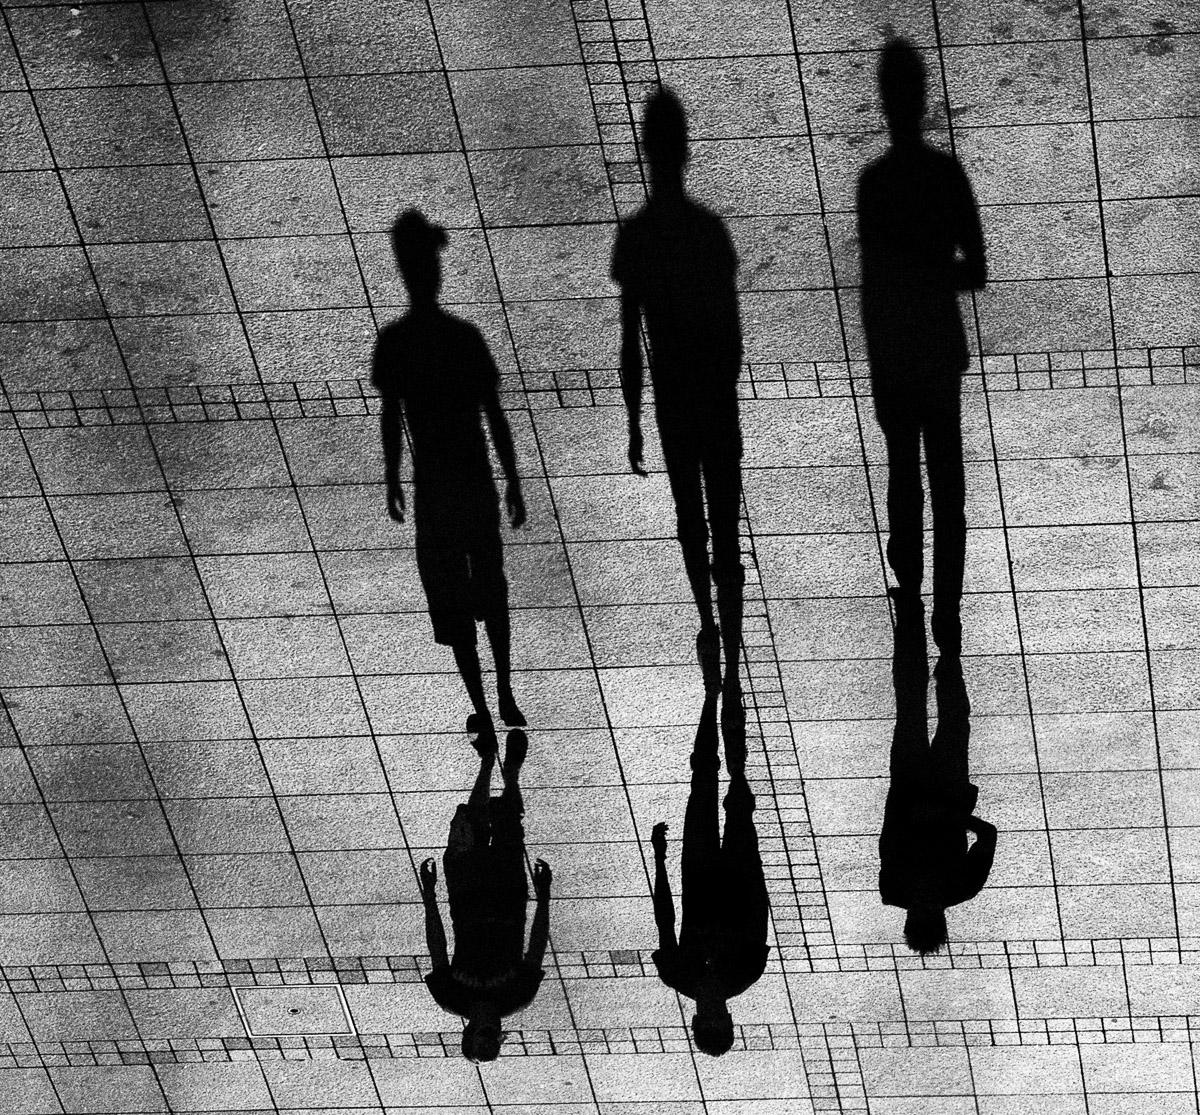 Upside down (Rolf Gleichauf)